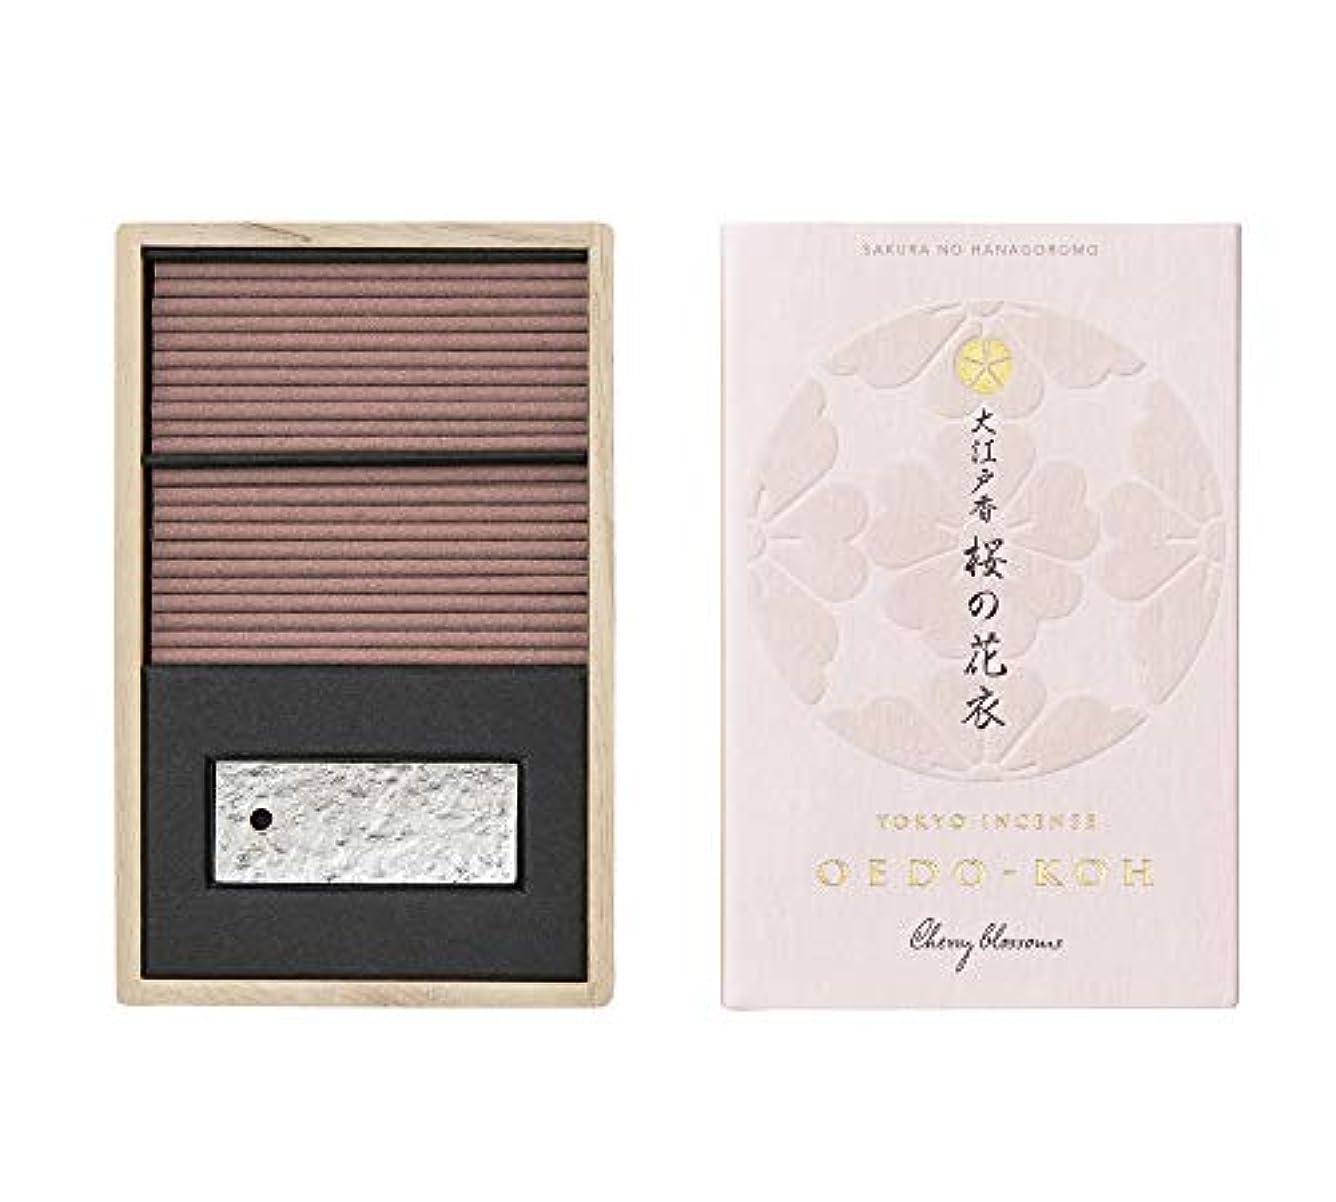 データム専ら実証する日本香堂 大江戸香 桜の花衣(さくらのはなごろも) スティック60本入 香立付